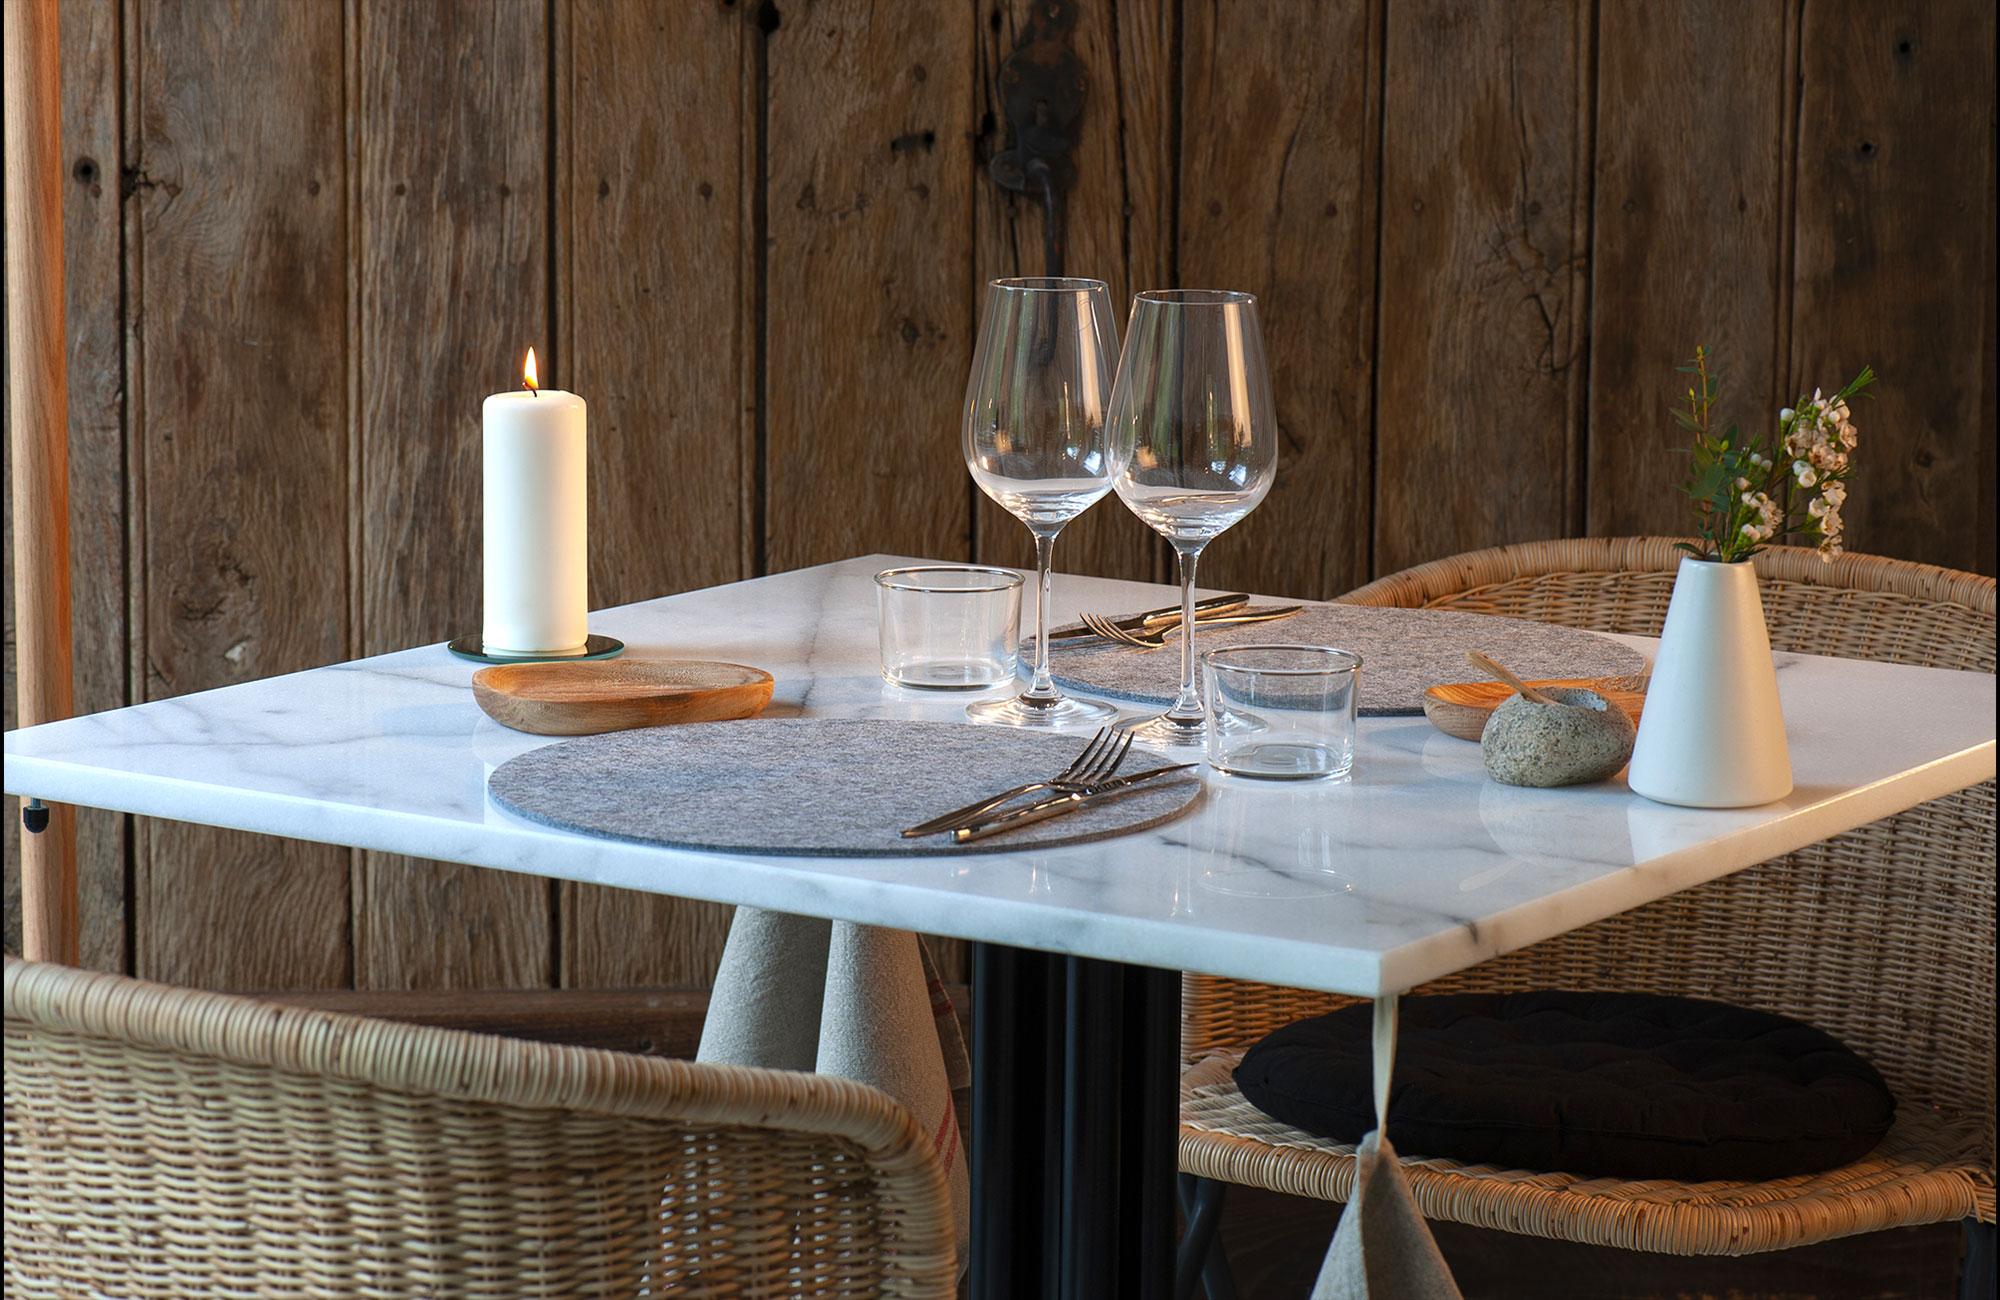 table restaurant toursime aveyron